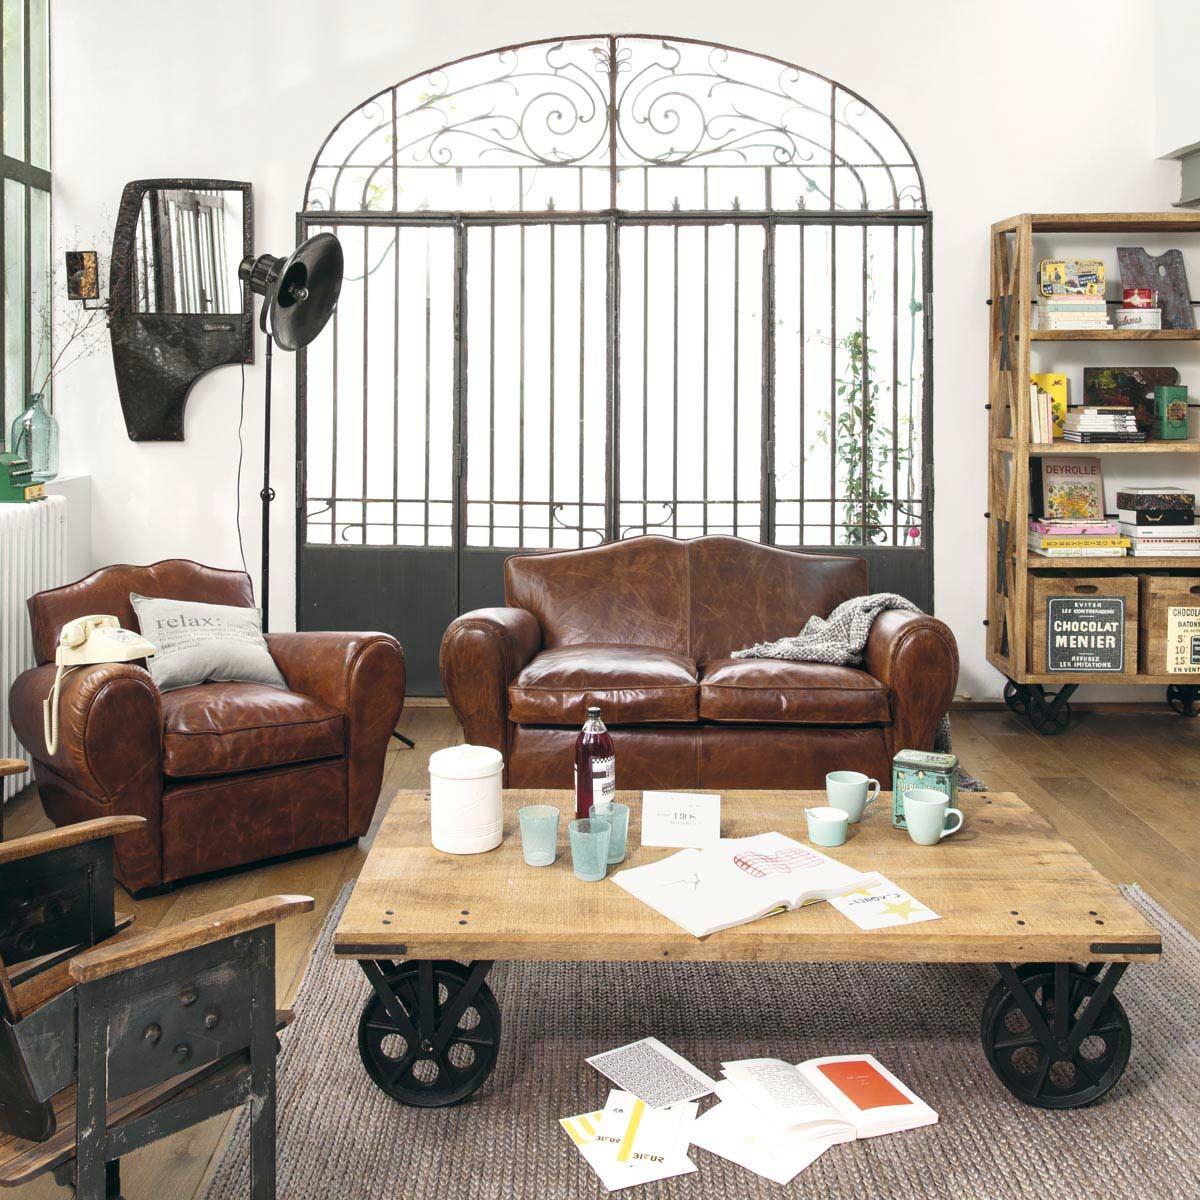 Rocco en mi sofa eso lo quiero yo un piso de estilo for Divano materasso maison du monde